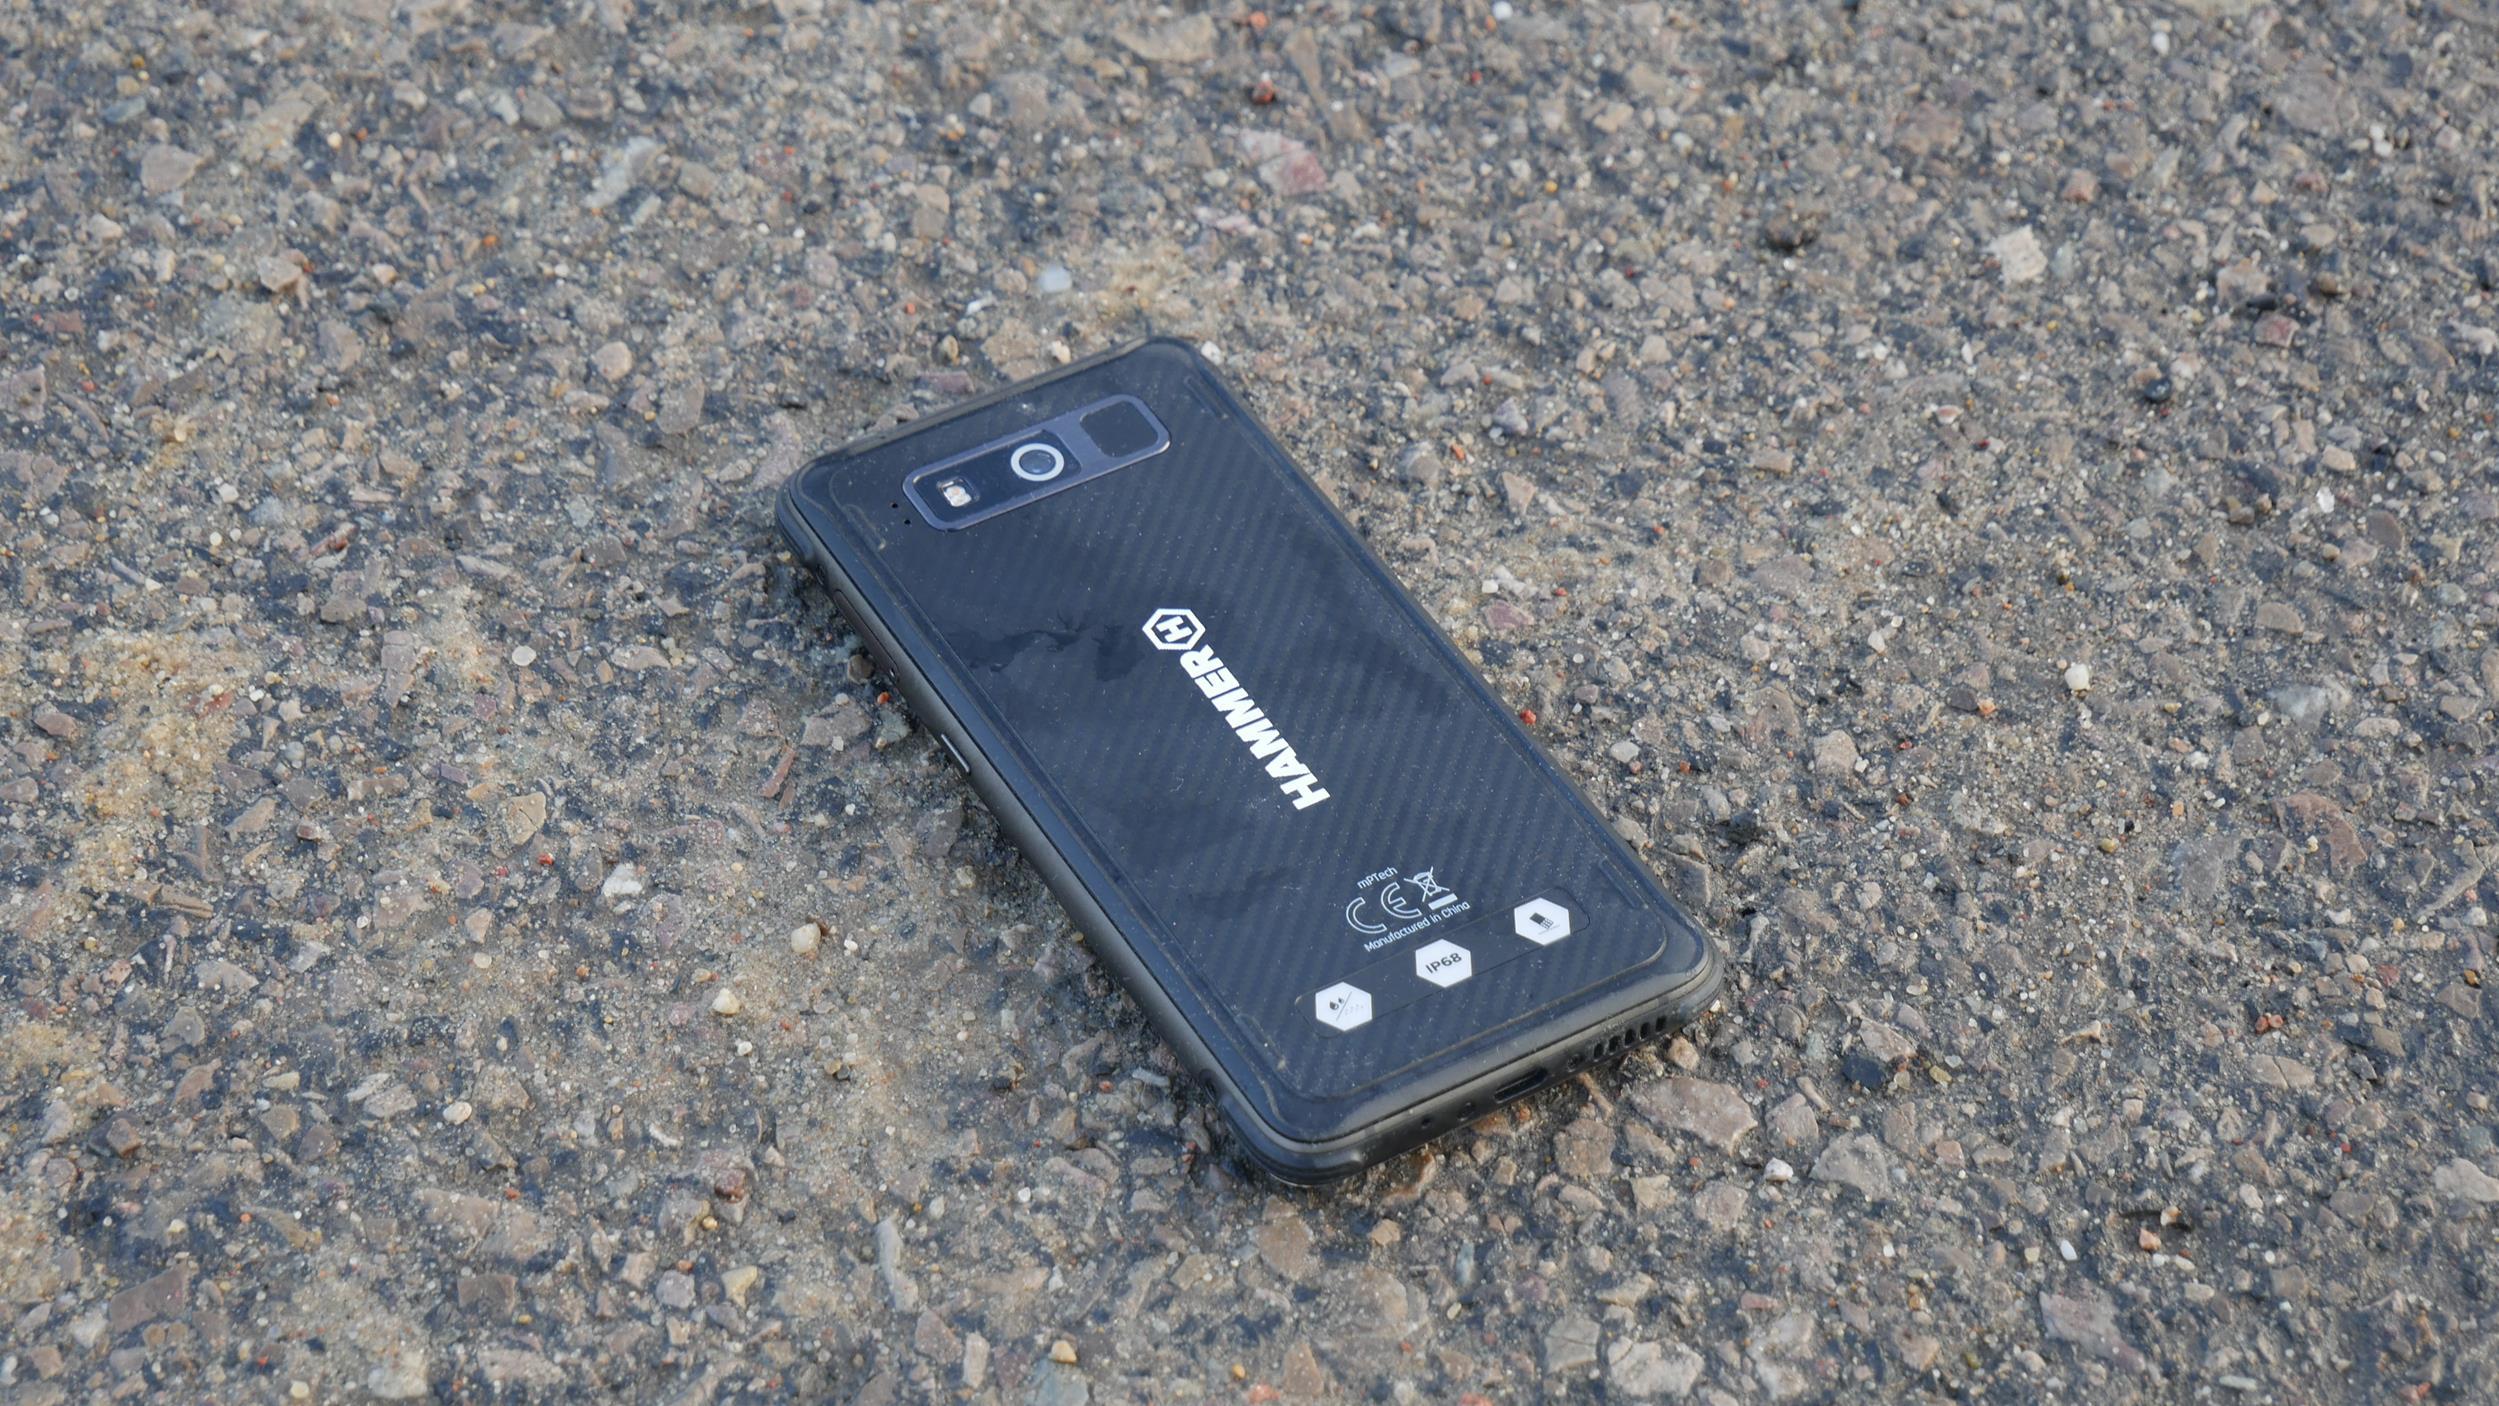 Recenzja Hammer Blade 2 Pro - wytrzymałego smartfona z NFC i 6 GB RAM 54